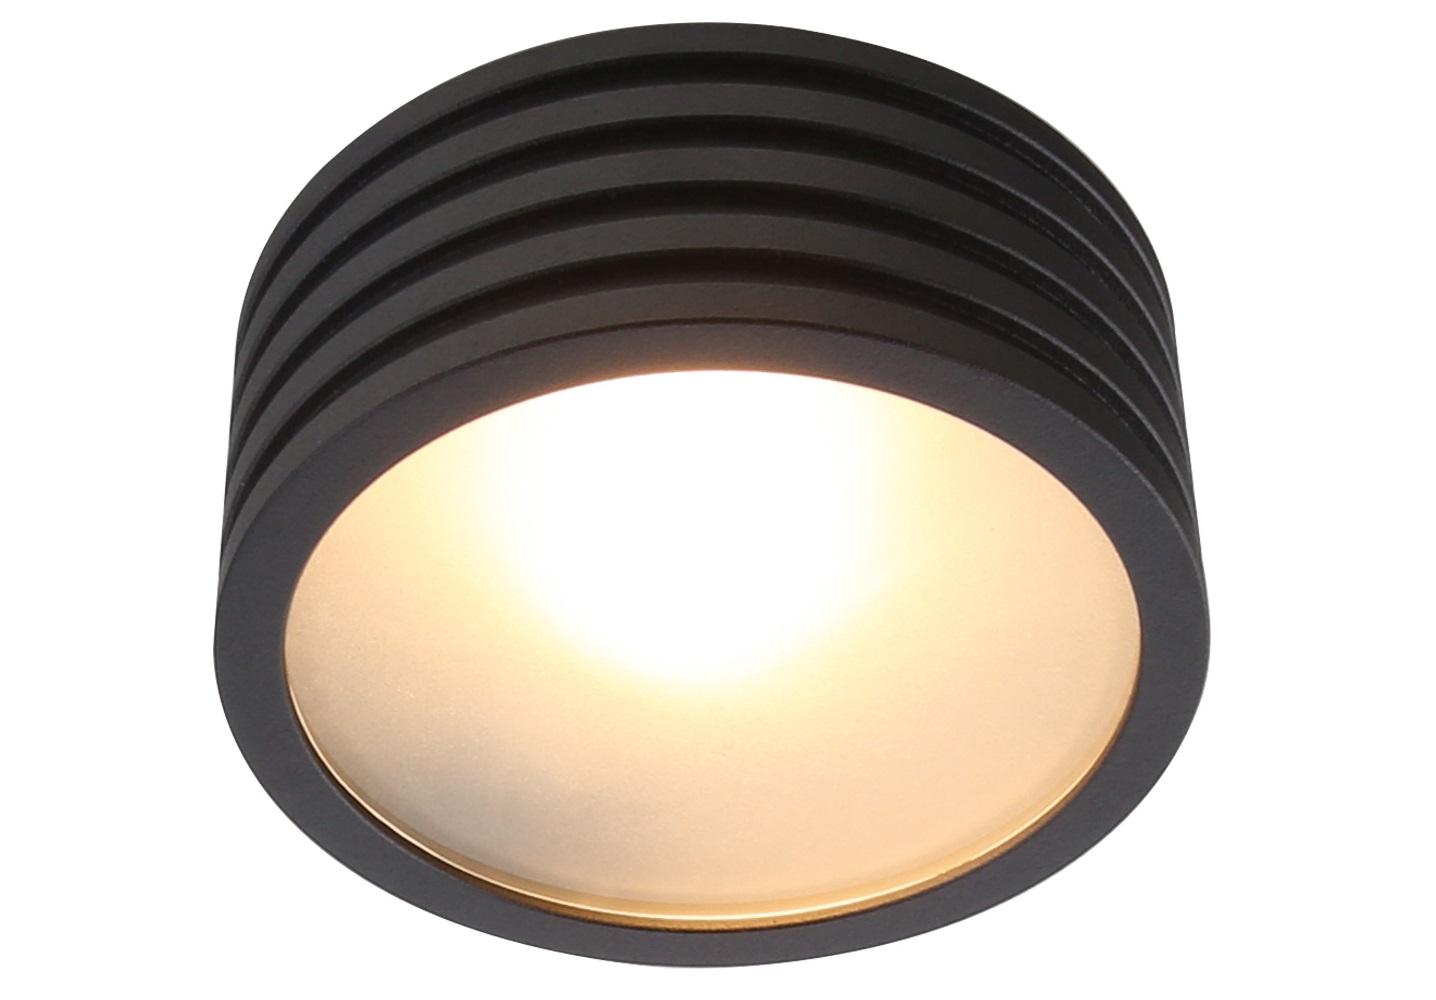 Потолочный светильникТочечный свет<br>&amp;lt;div&amp;gt;Вид цоколя: G9&amp;lt;/div&amp;gt;&amp;lt;div&amp;gt;Мощность: 50W&amp;lt;/div&amp;gt;&amp;lt;div&amp;gt;Количество ламп: 1&amp;lt;/div&amp;gt;<br><br>Material: Алюминий<br>Высота см: 4